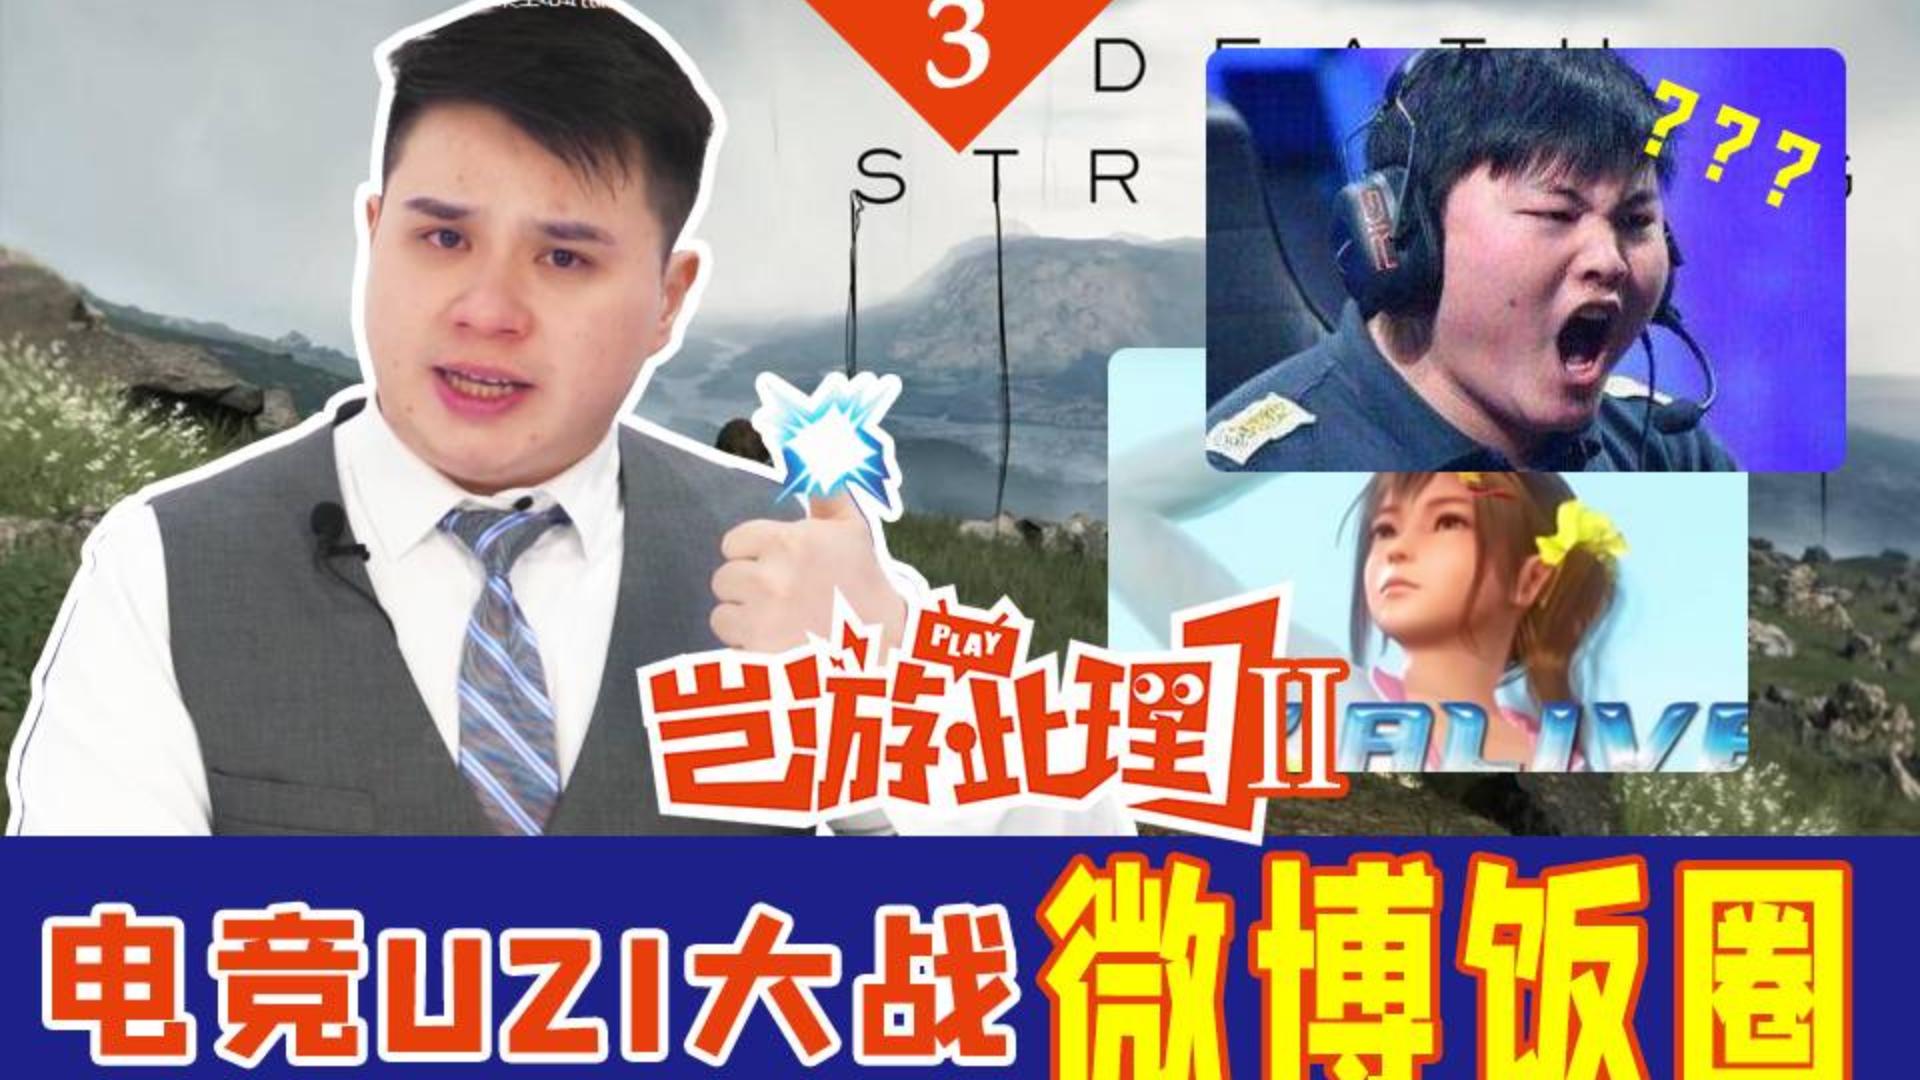 【岂游此理Ⅱ】03电竞UZI大战微博饭圈